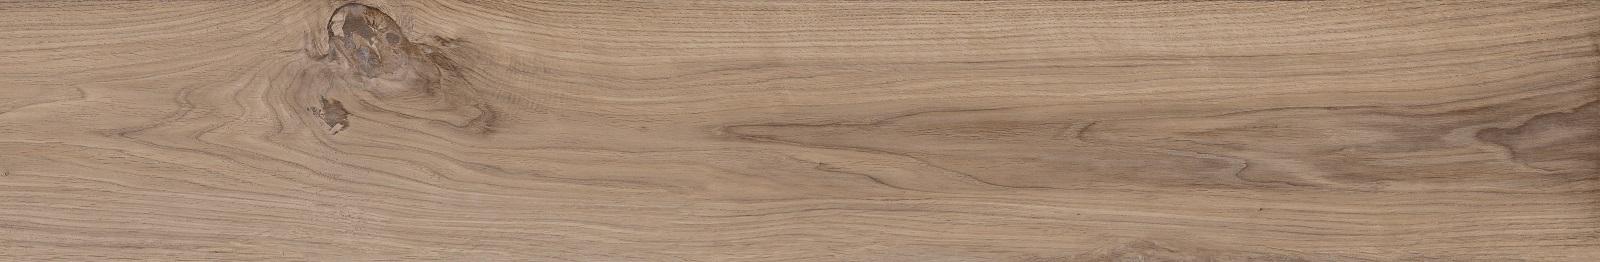 Плитка Allwood Brown (zzxwu6r) изображение 5